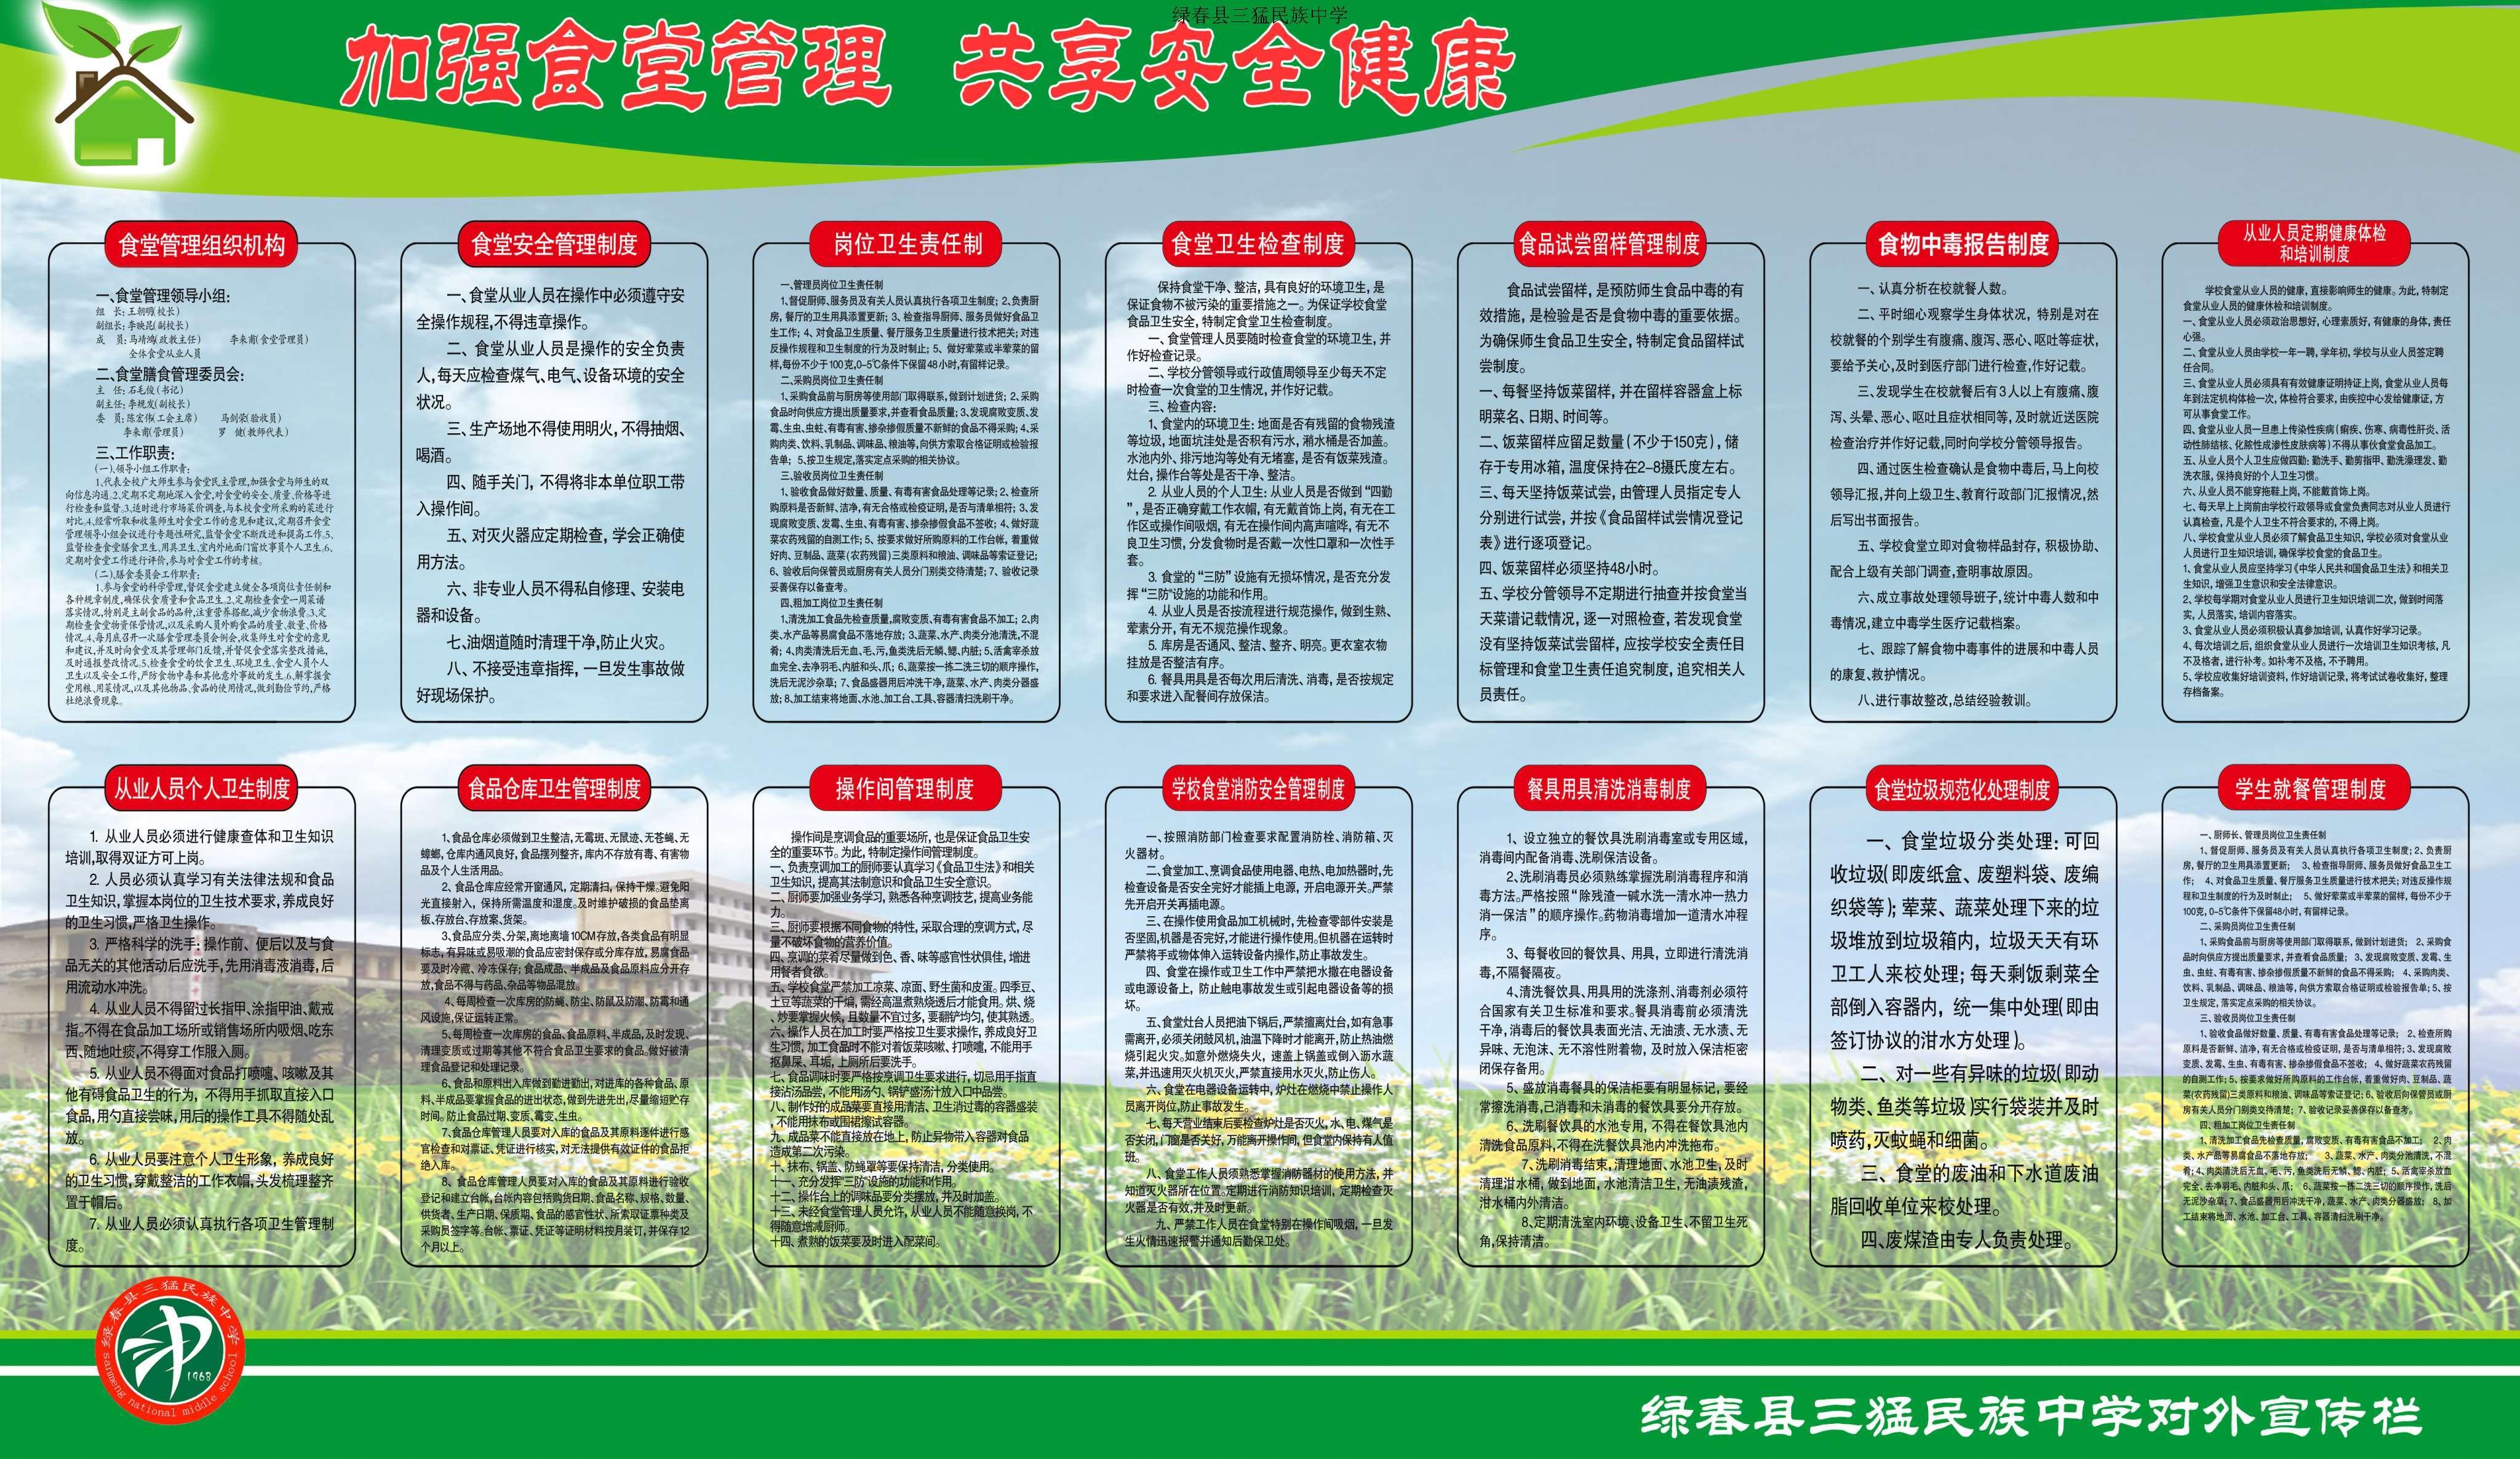 在线服务  办公室主任     李如松  教务处主任 杨瑞平  政教处主任